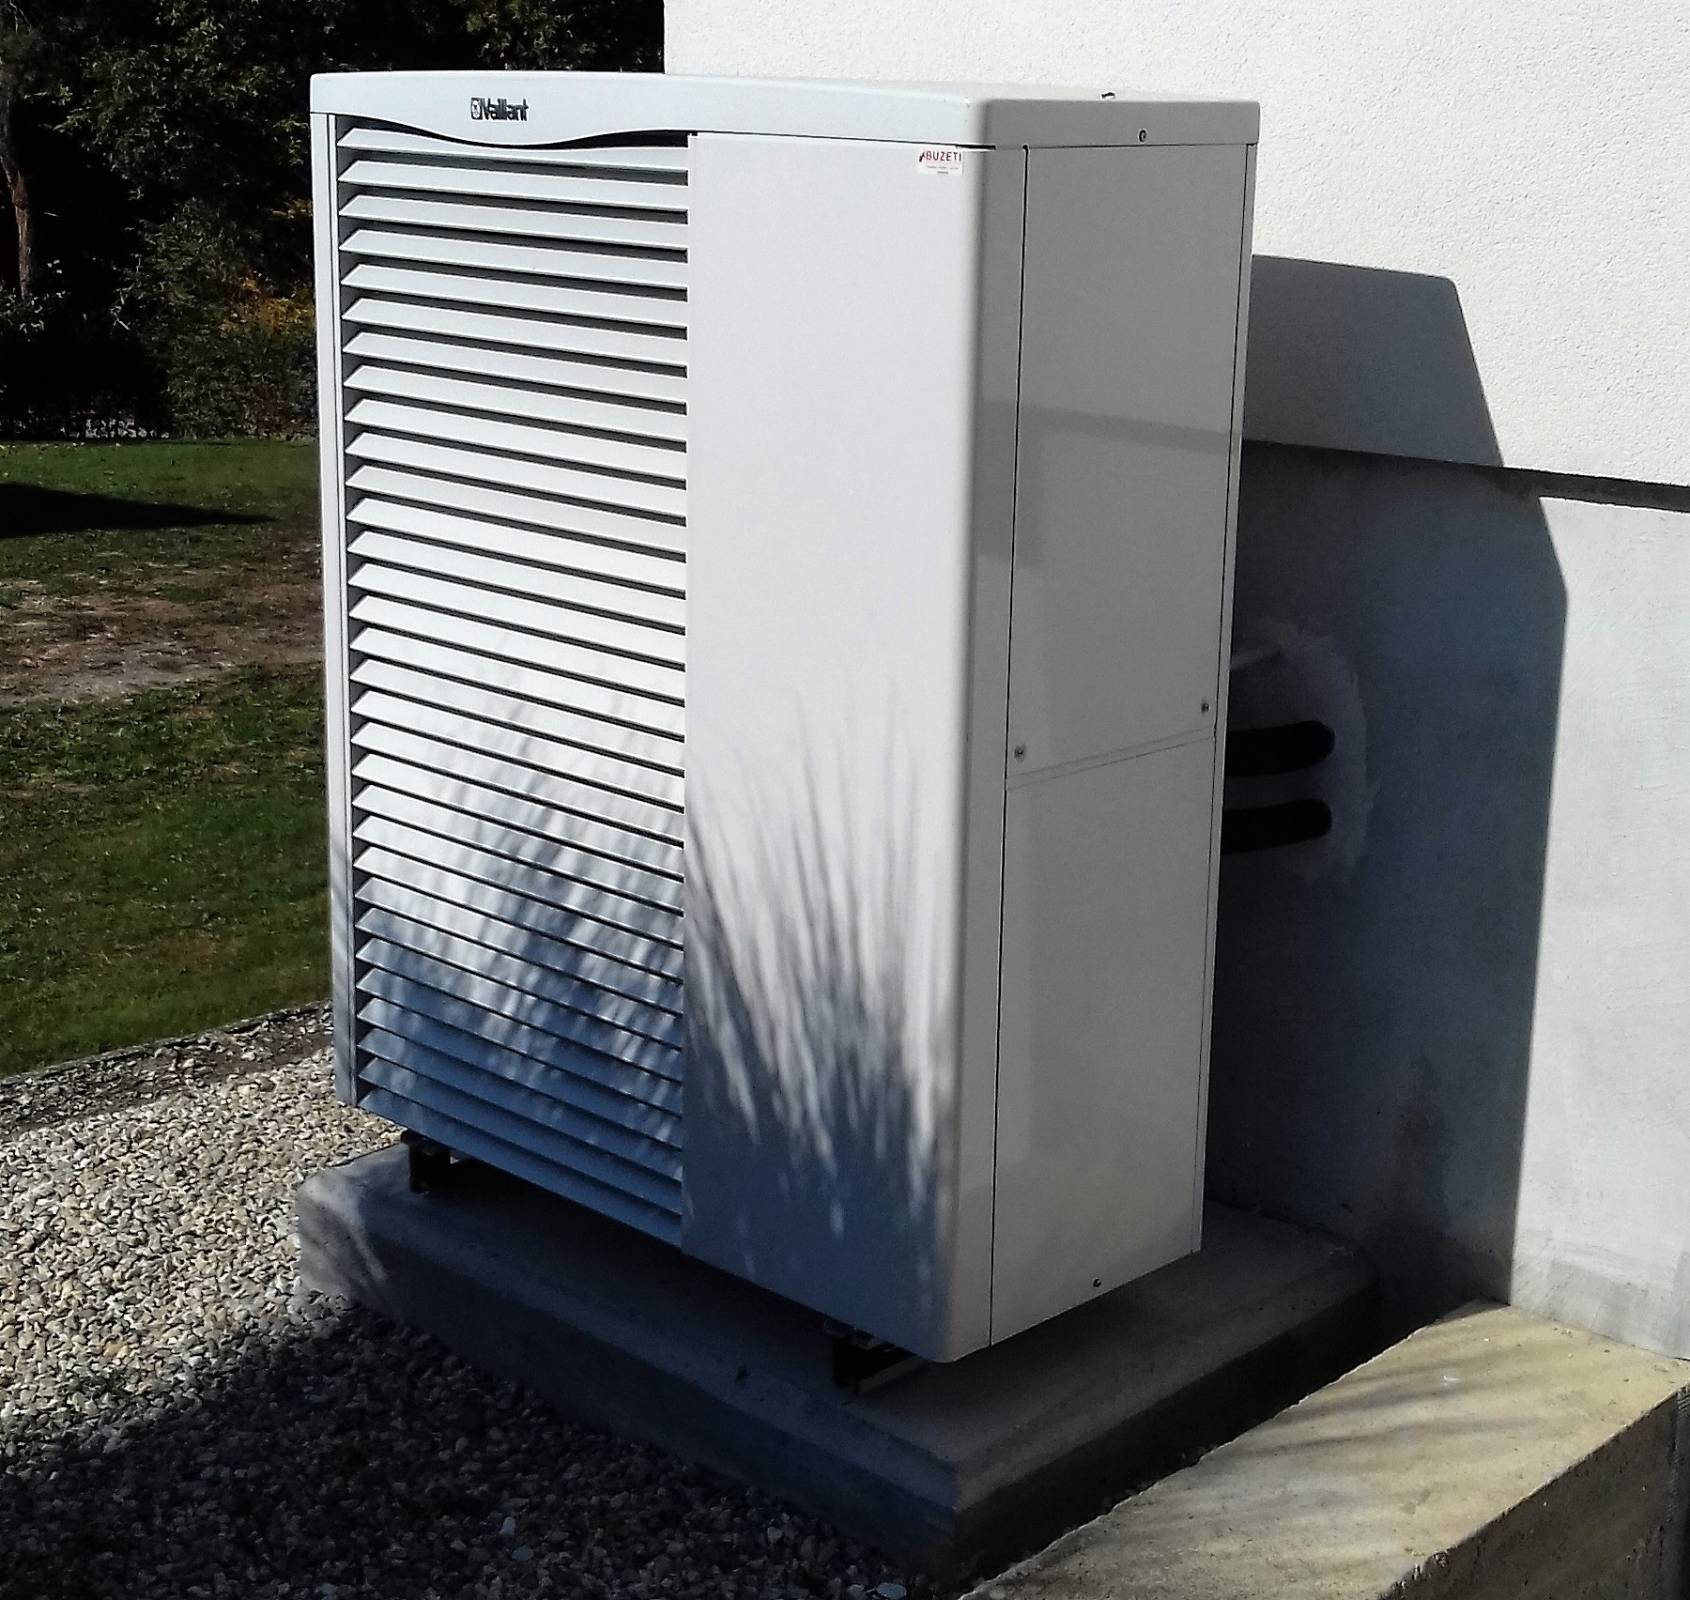 Družina iz Goričkega se je odločila za toplotno črpalko zrak-voda